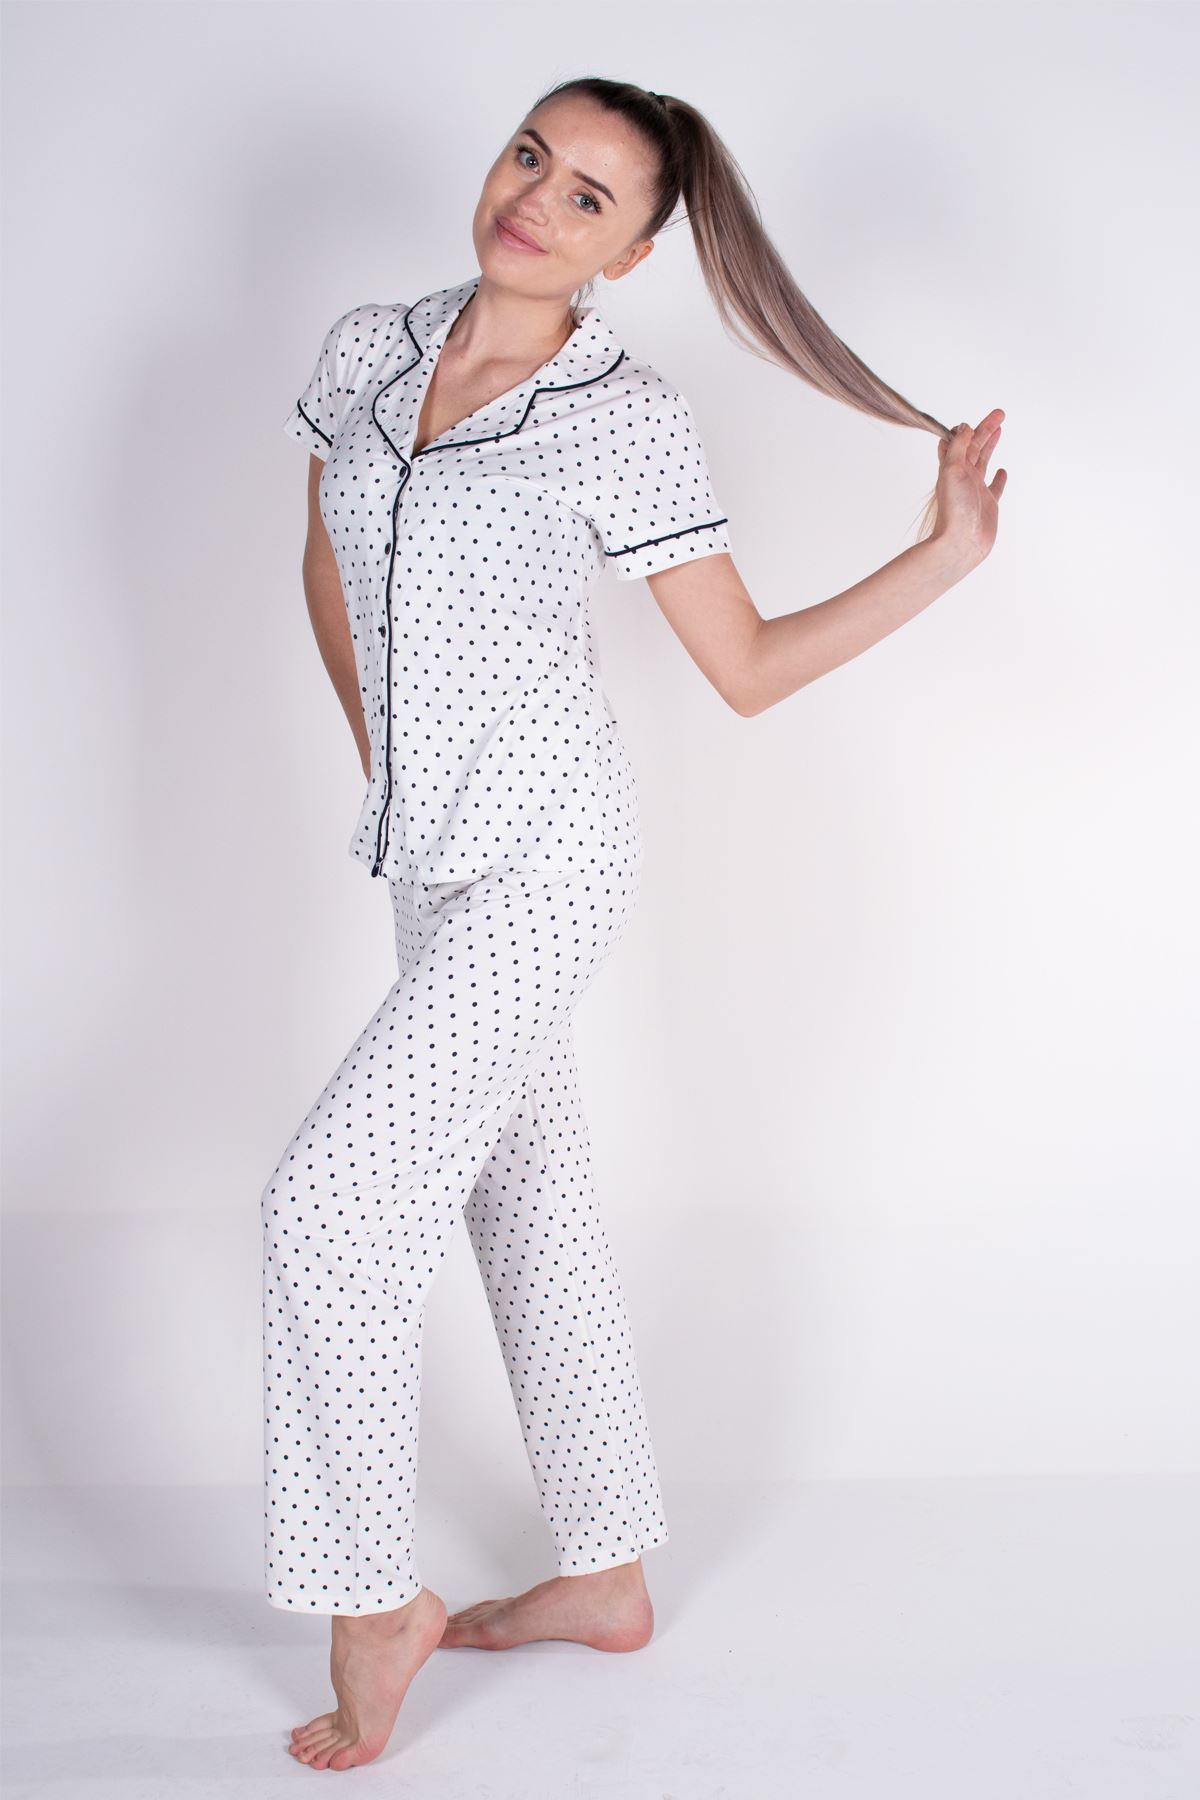 Malabadi Kadın Ekru Puantiyeli Düğmeli Likralı Modal Yazlık Pijama Takımı 5004